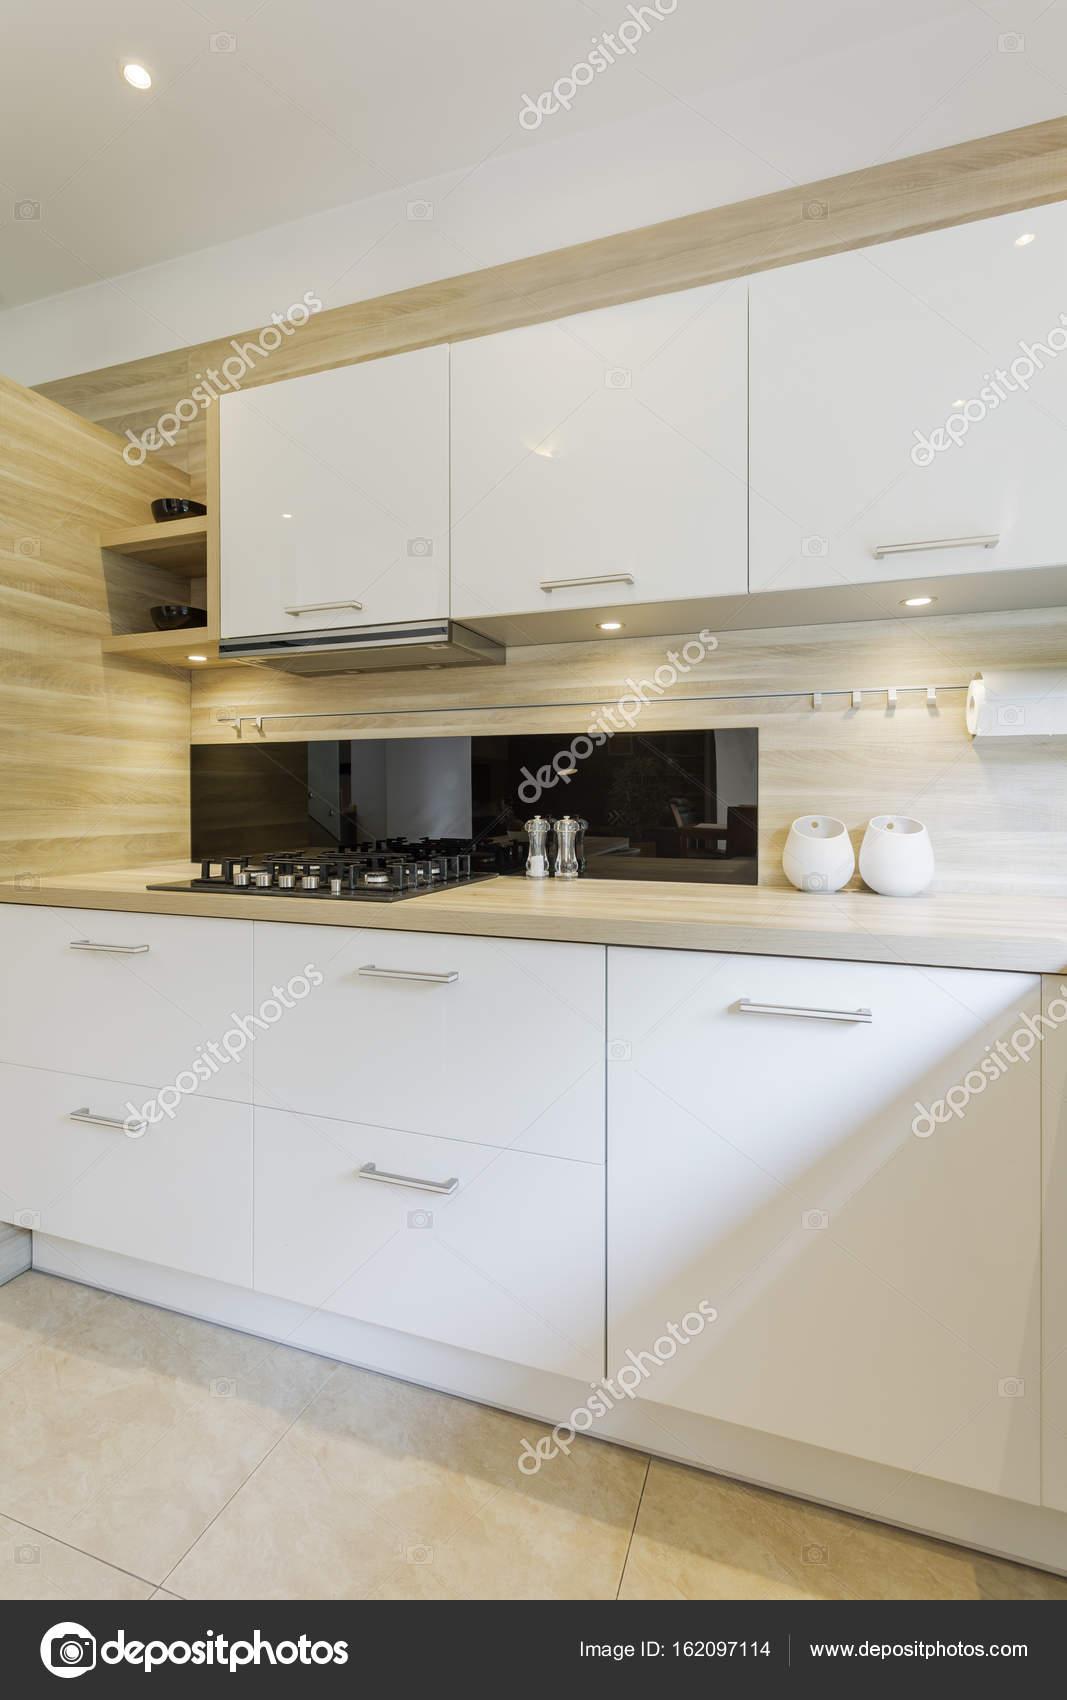 Amplia cocina con muebles blancos — Foto de stock © photographee.eu ...